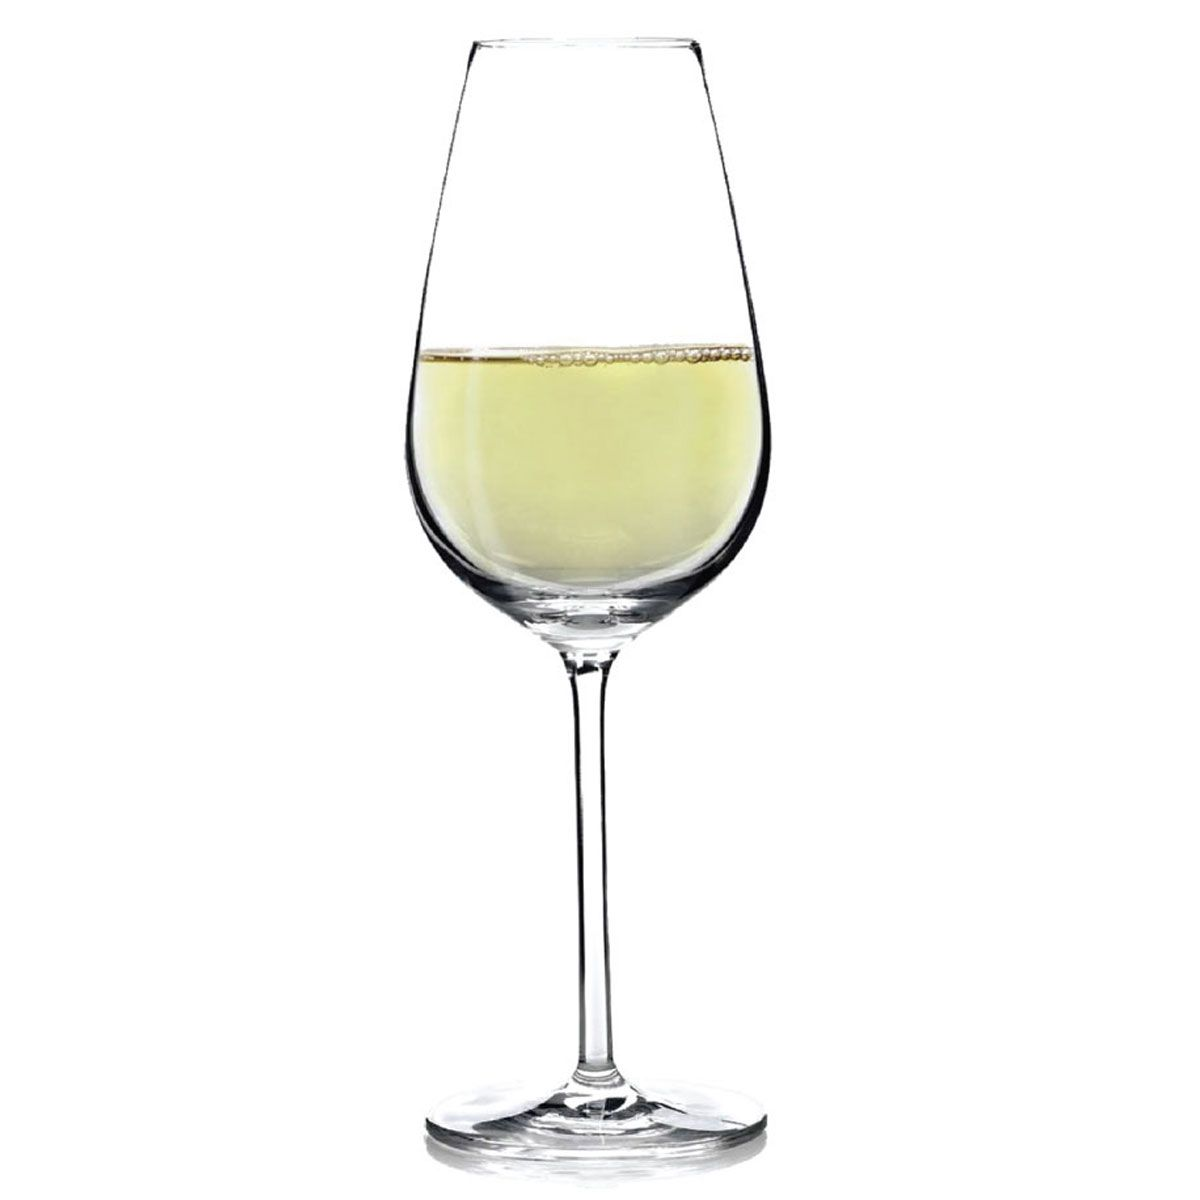 Jogo de Taça de Vinho Branco Aspergo Cristal 370ml 12 Pcs